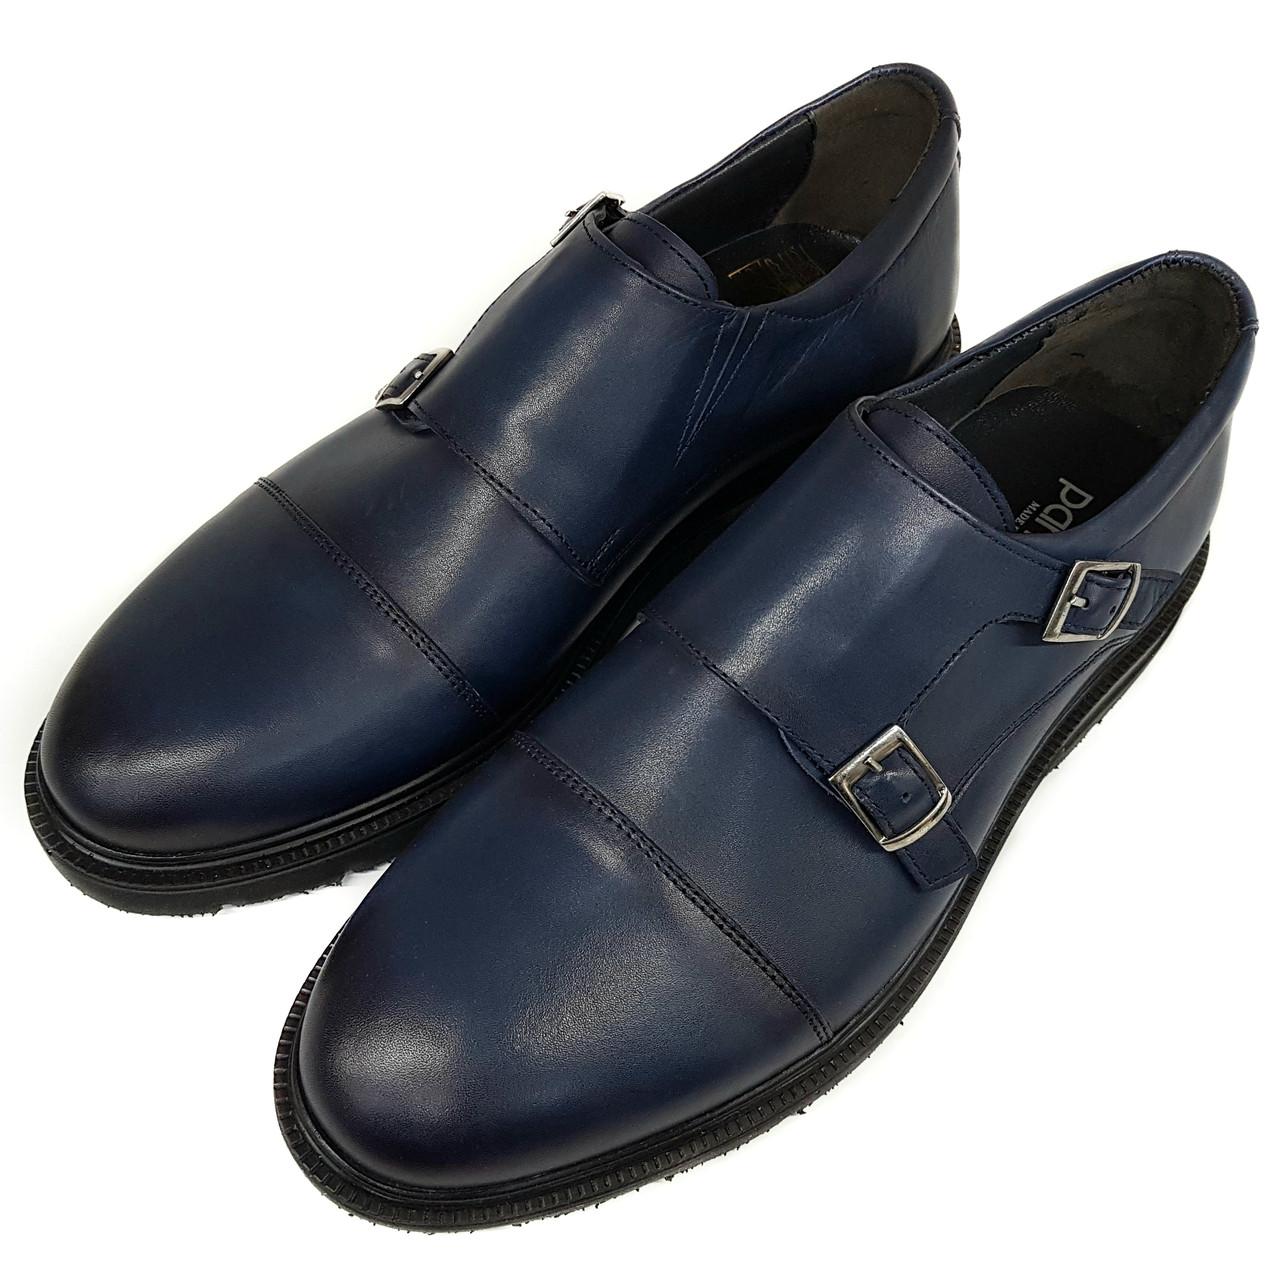 Мужские кожаные туфли монки без каблука Pandew синие SH0030